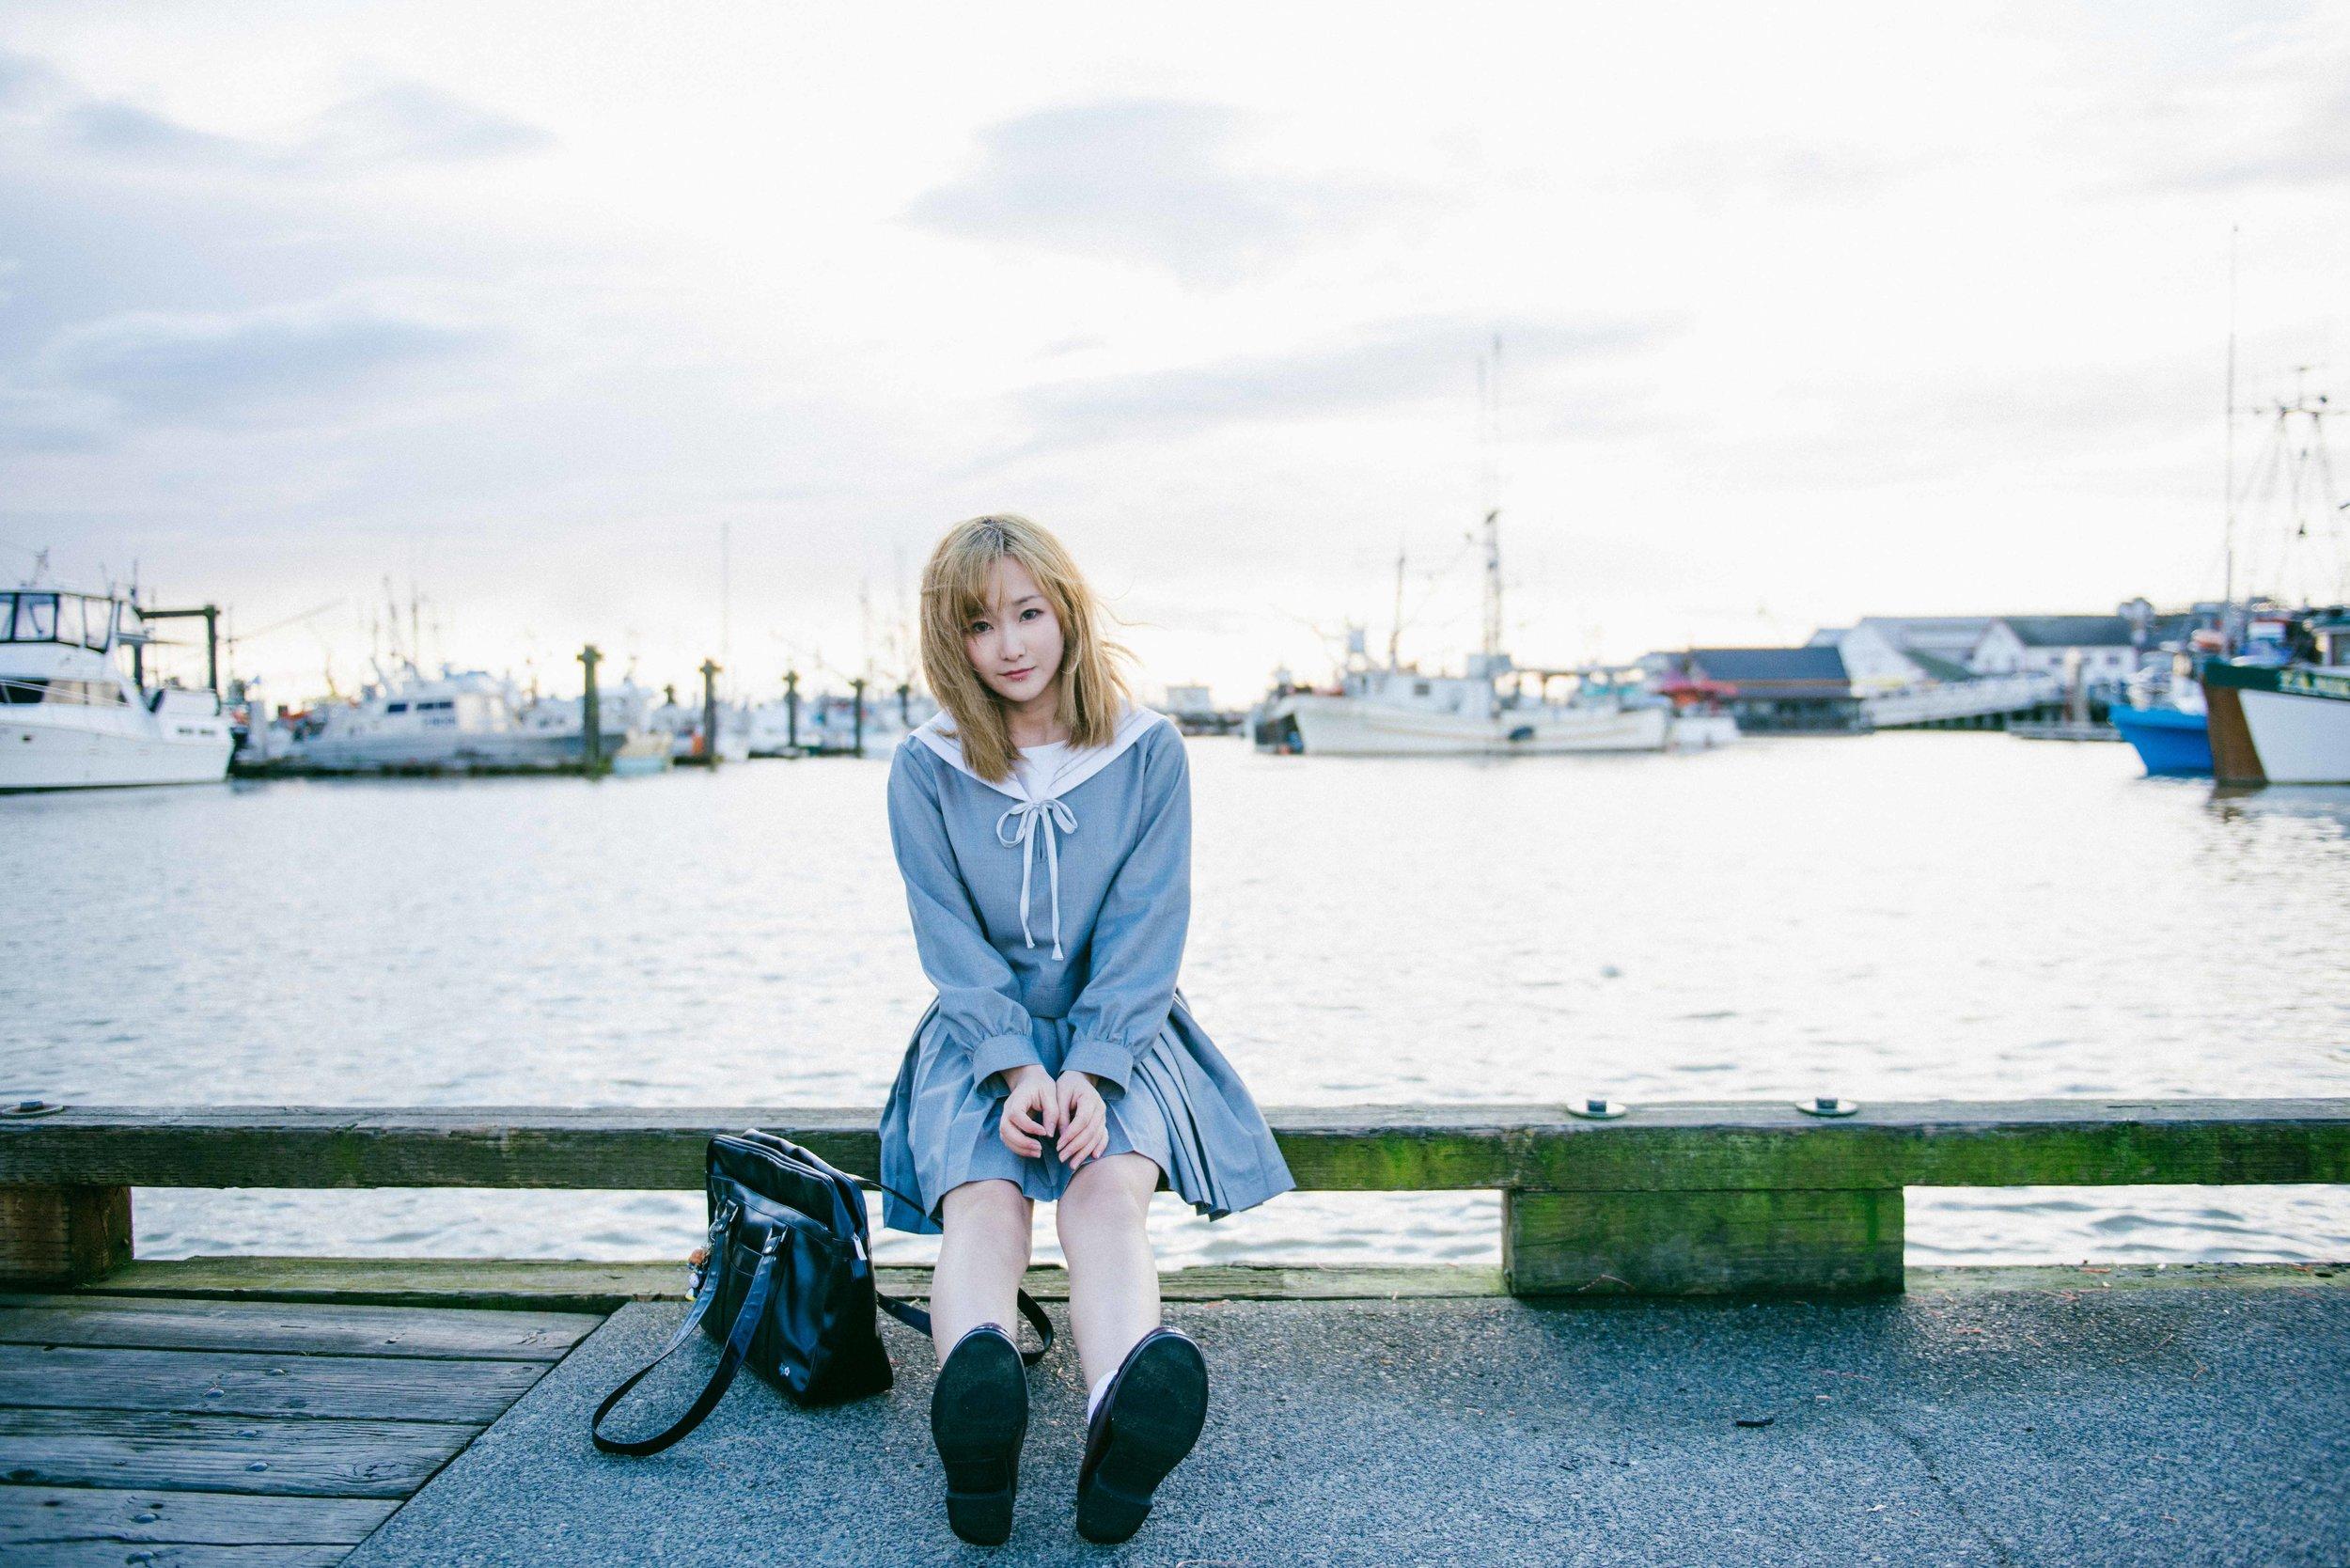 20160424_sylvia_sailorsuit_web-3671.jpg